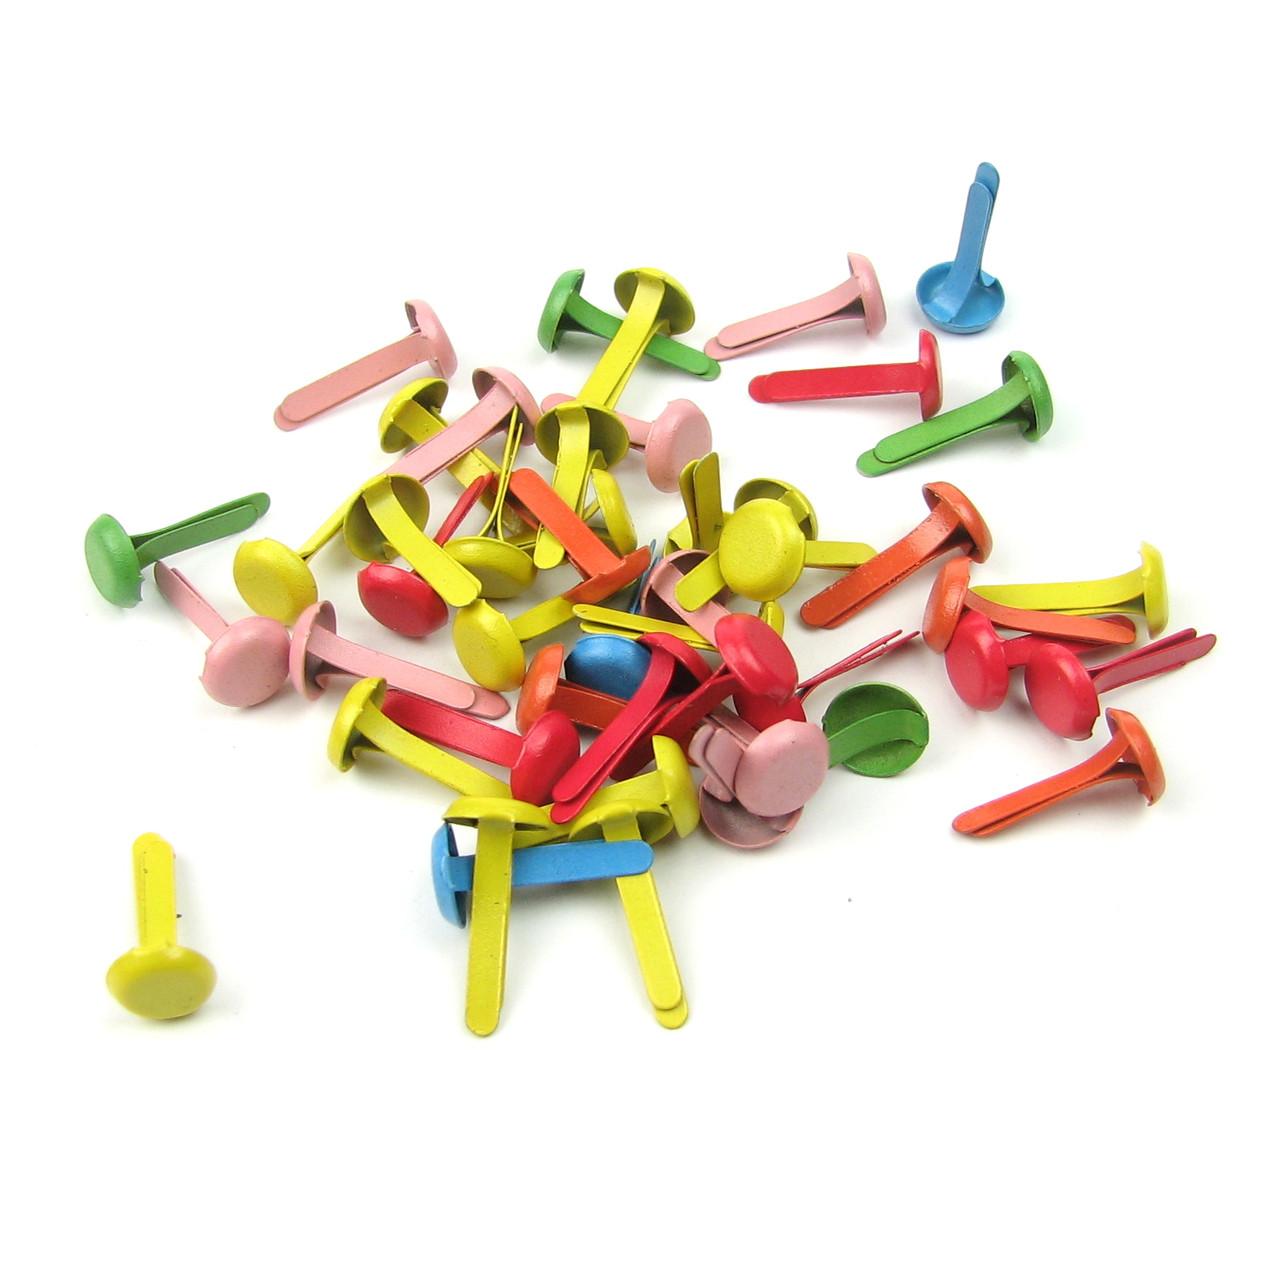 Брадсы разноцветные 6мм 25шт в наборе